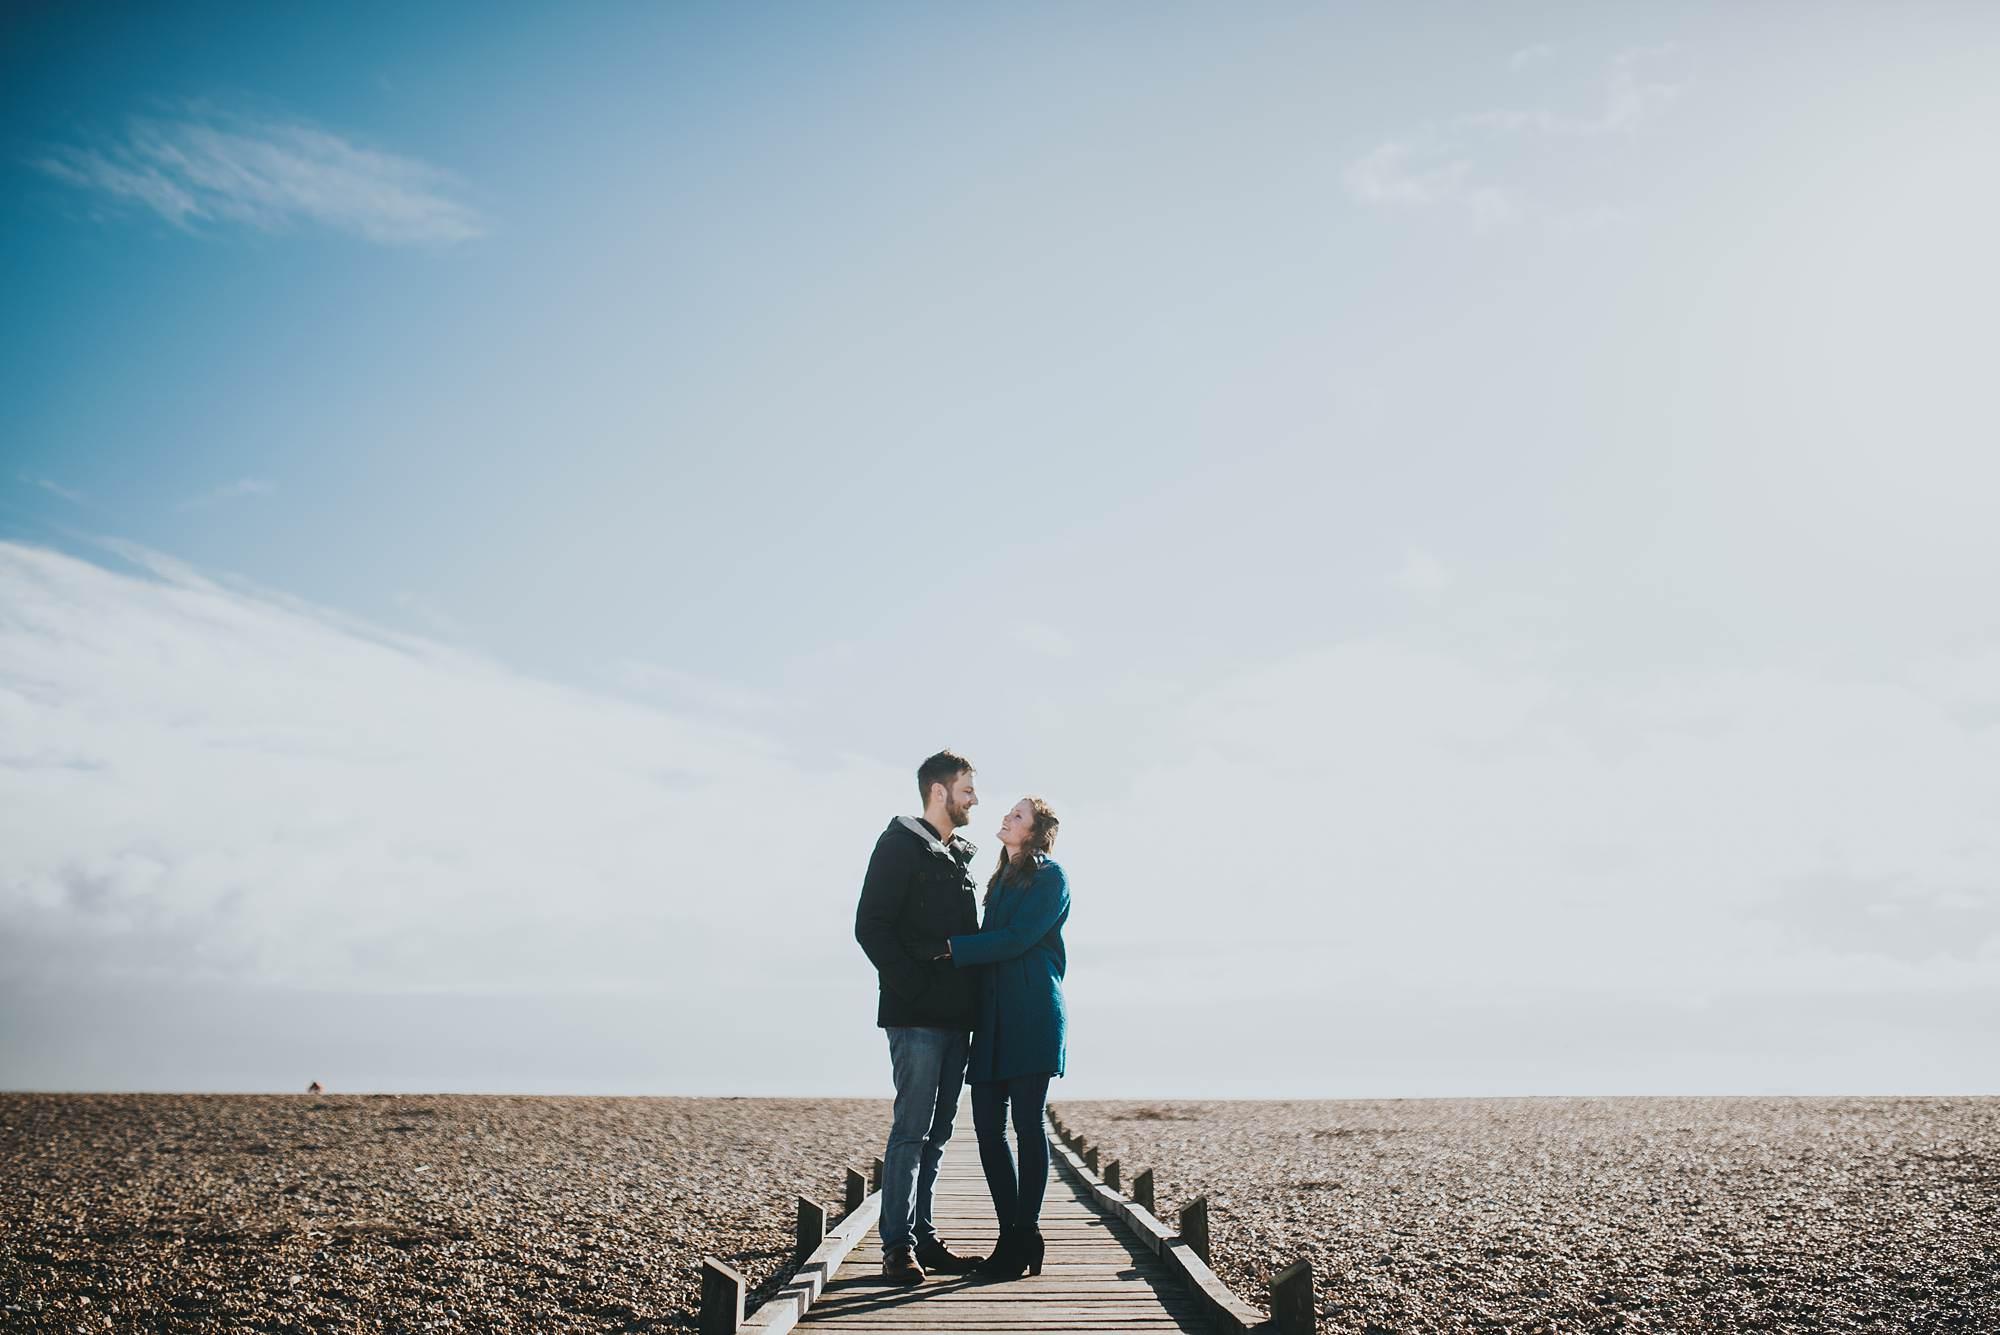 Dungeness pre-wedding shoot